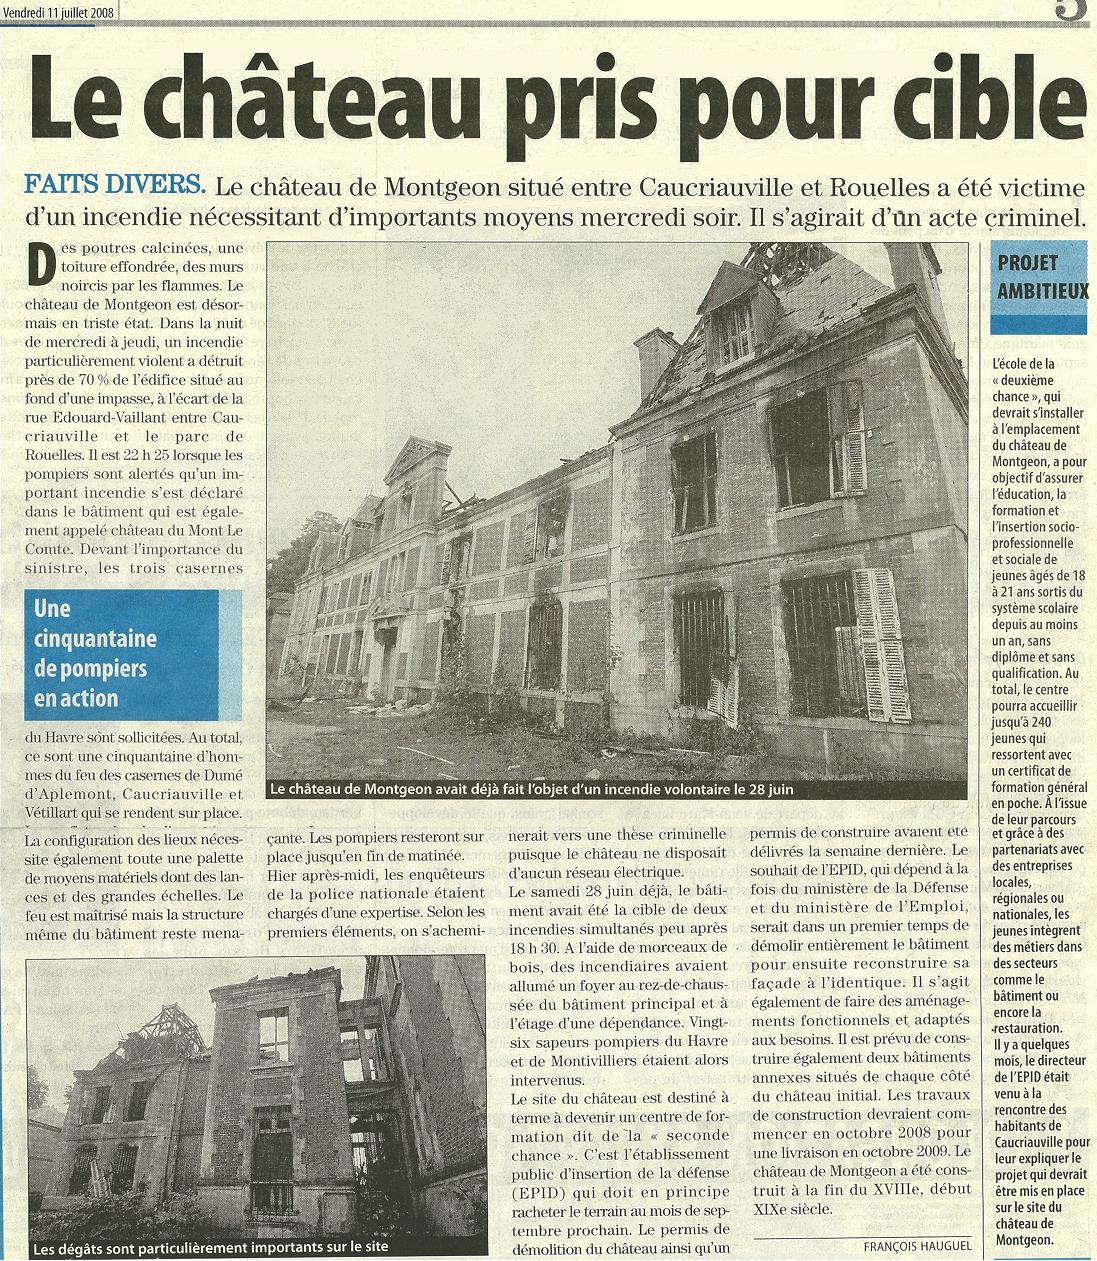 2008 - Incendie du château de Montgeon à Caucriauville 178711montgeon1